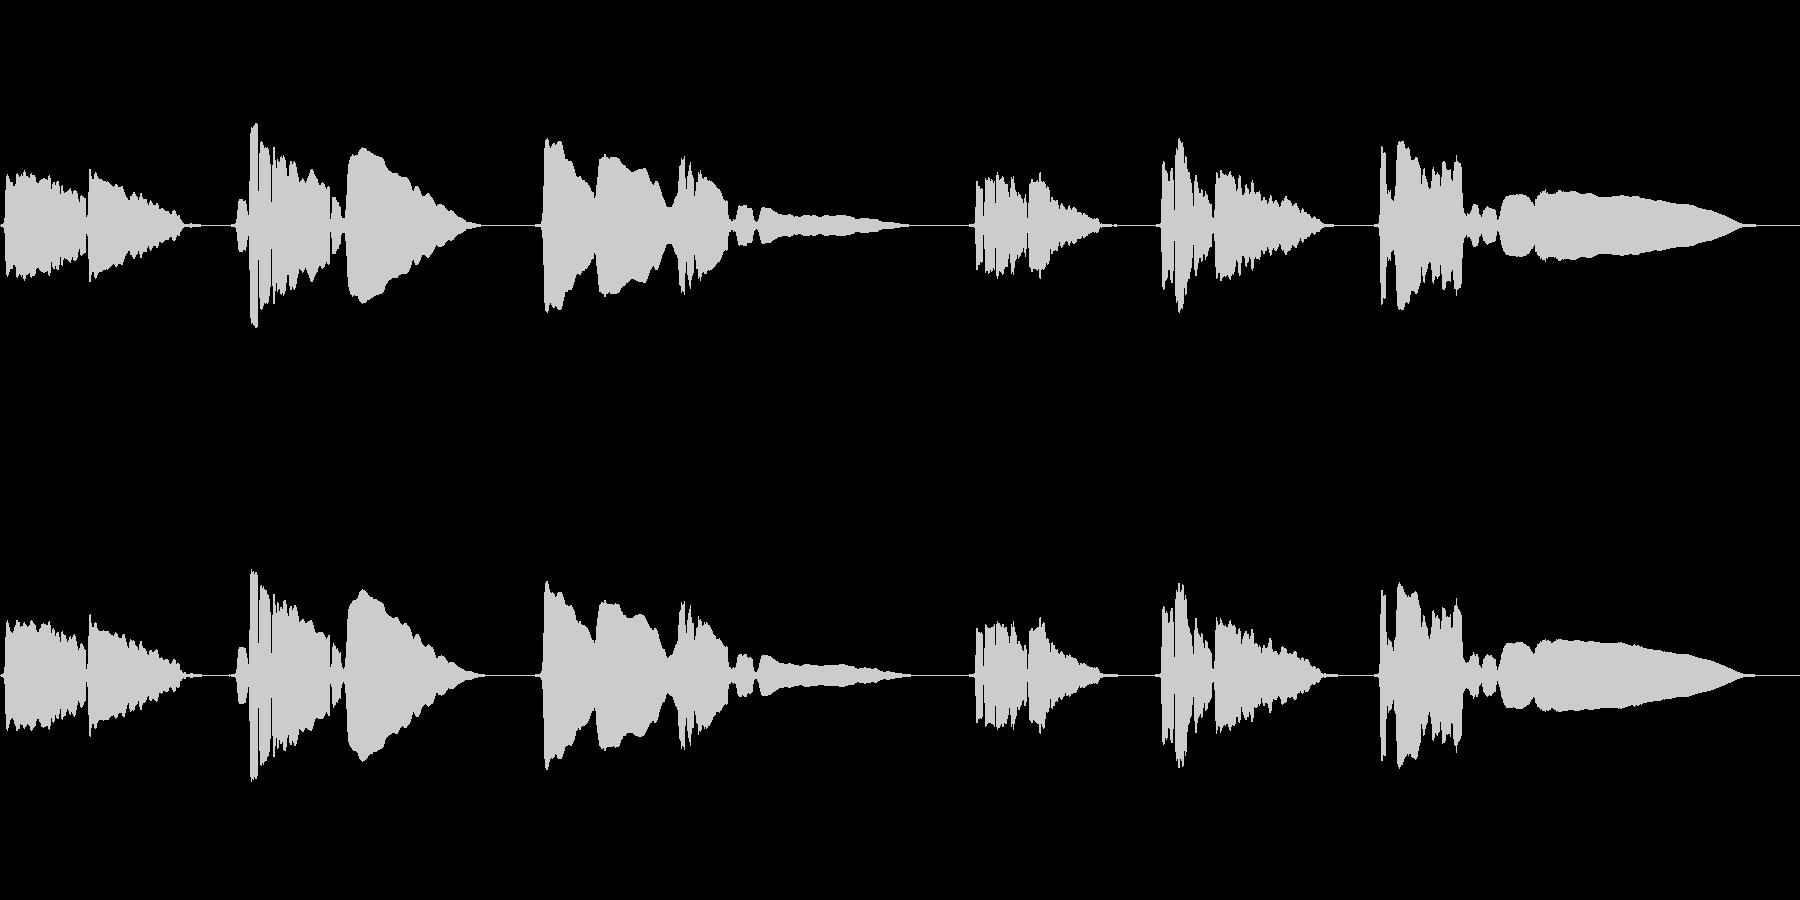 SAX一本の切ない曲です。の未再生の波形